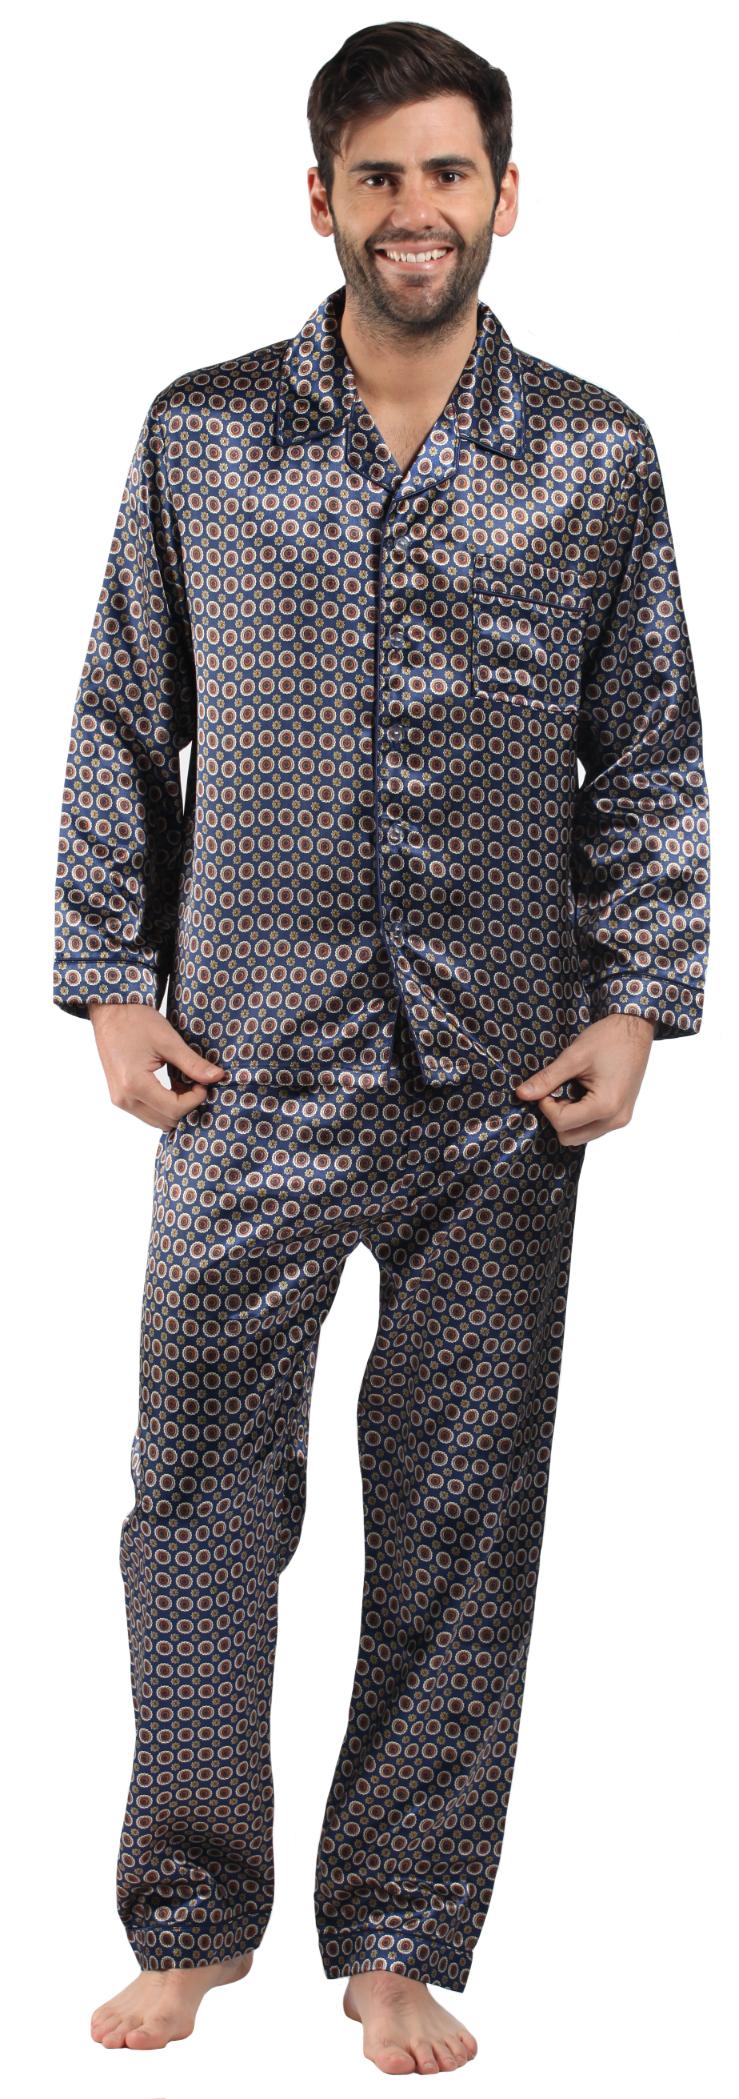 Harvey-James-Hombre-Saten-Clasico-Abotonado-Estampado-Pijama-Pijama-Pijama